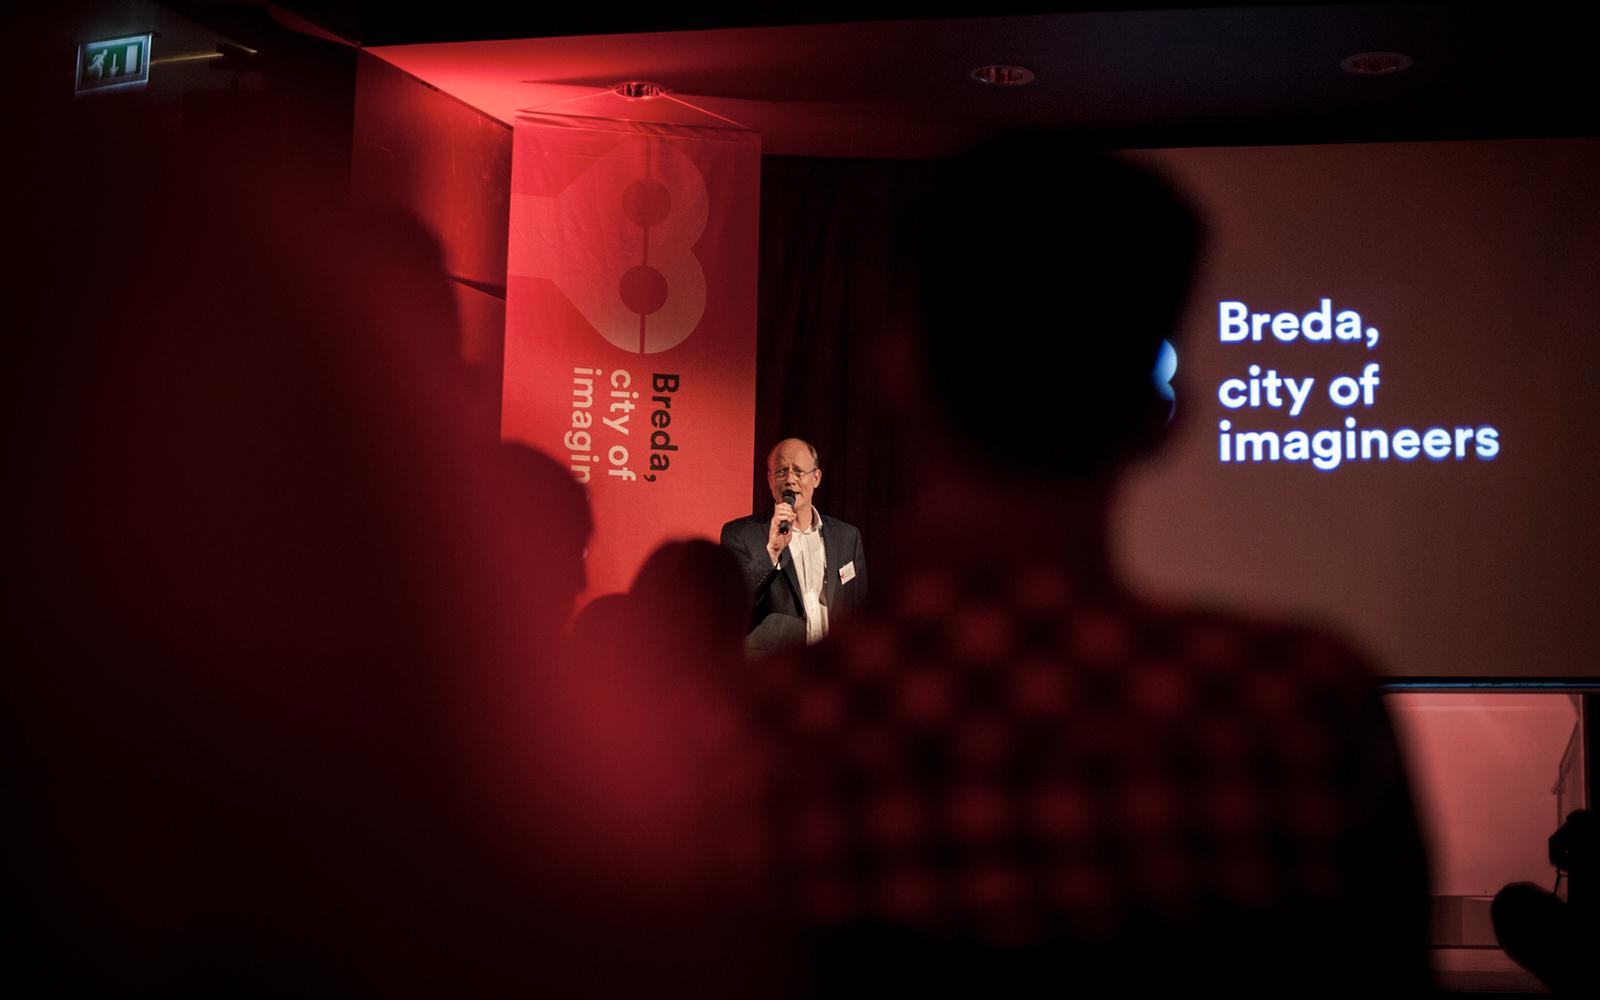 De creatieve industrie zichtbaar maken voor City of imagineers Breda